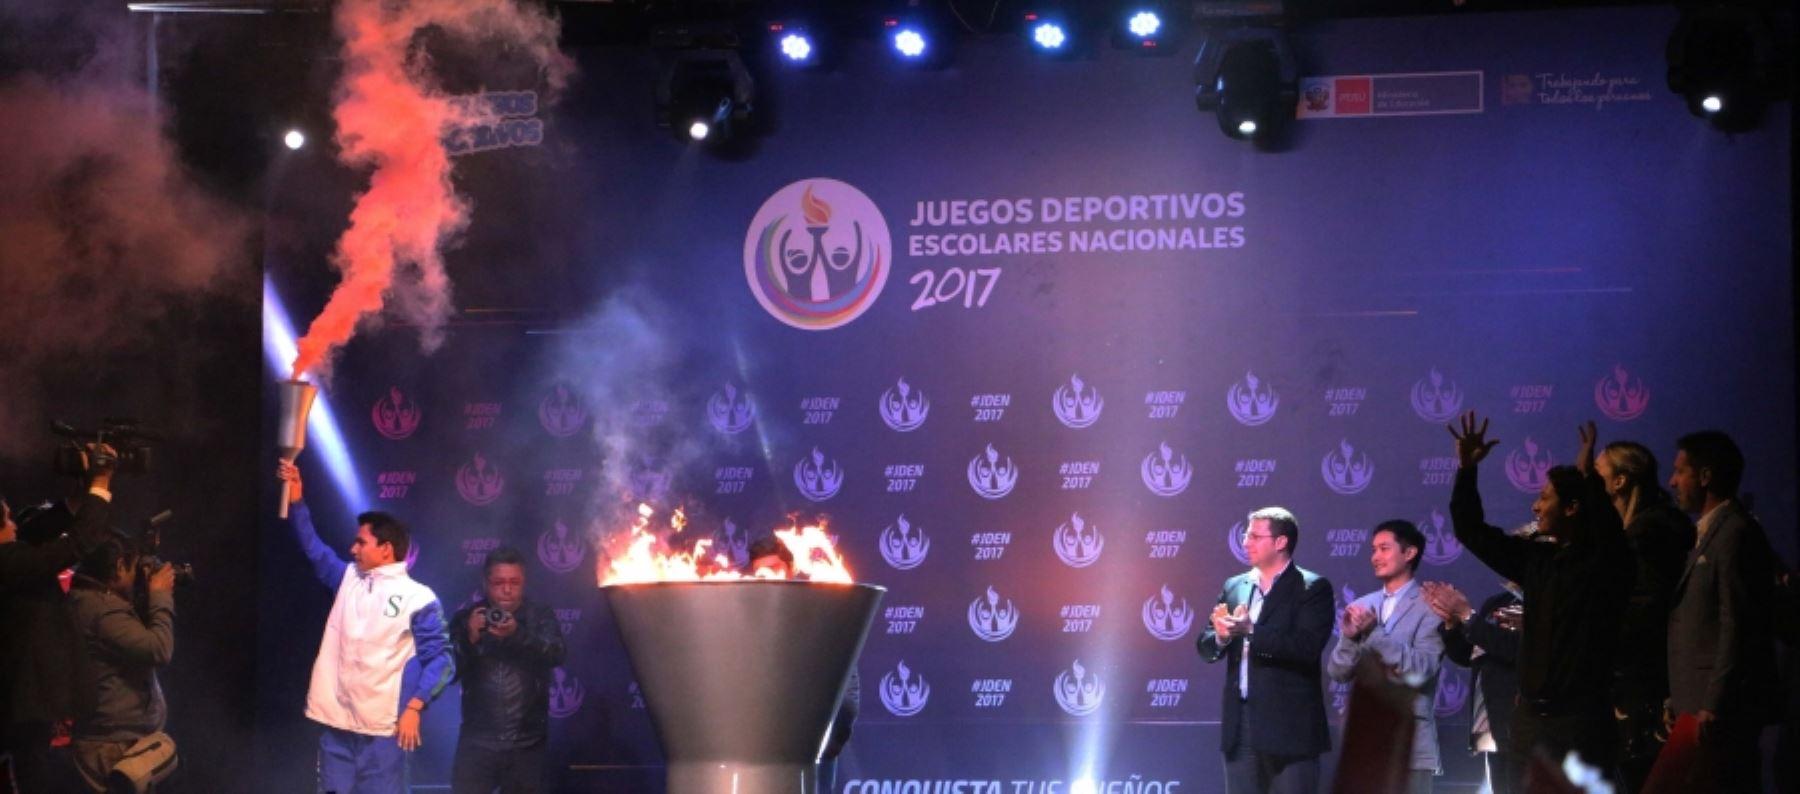 Los Juegos Deportivos Escolares Nacionales albergarán a 675,000 alumnos de todo el Perú.